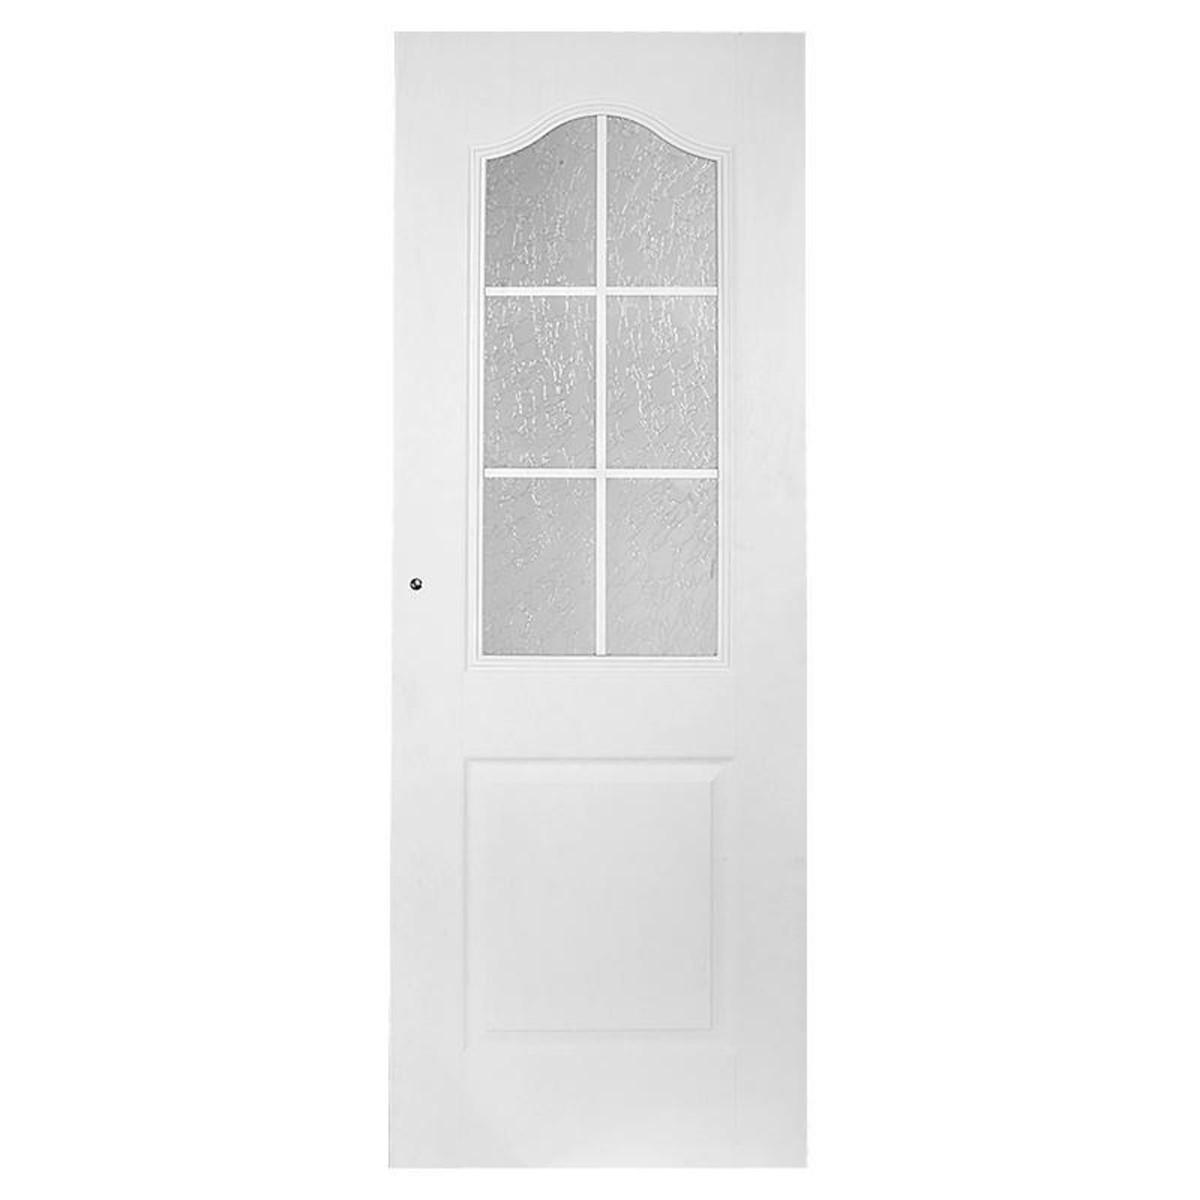 Дверь Межкомнатная Остеклённая Капричеза 800x2000 Ламинация Белый